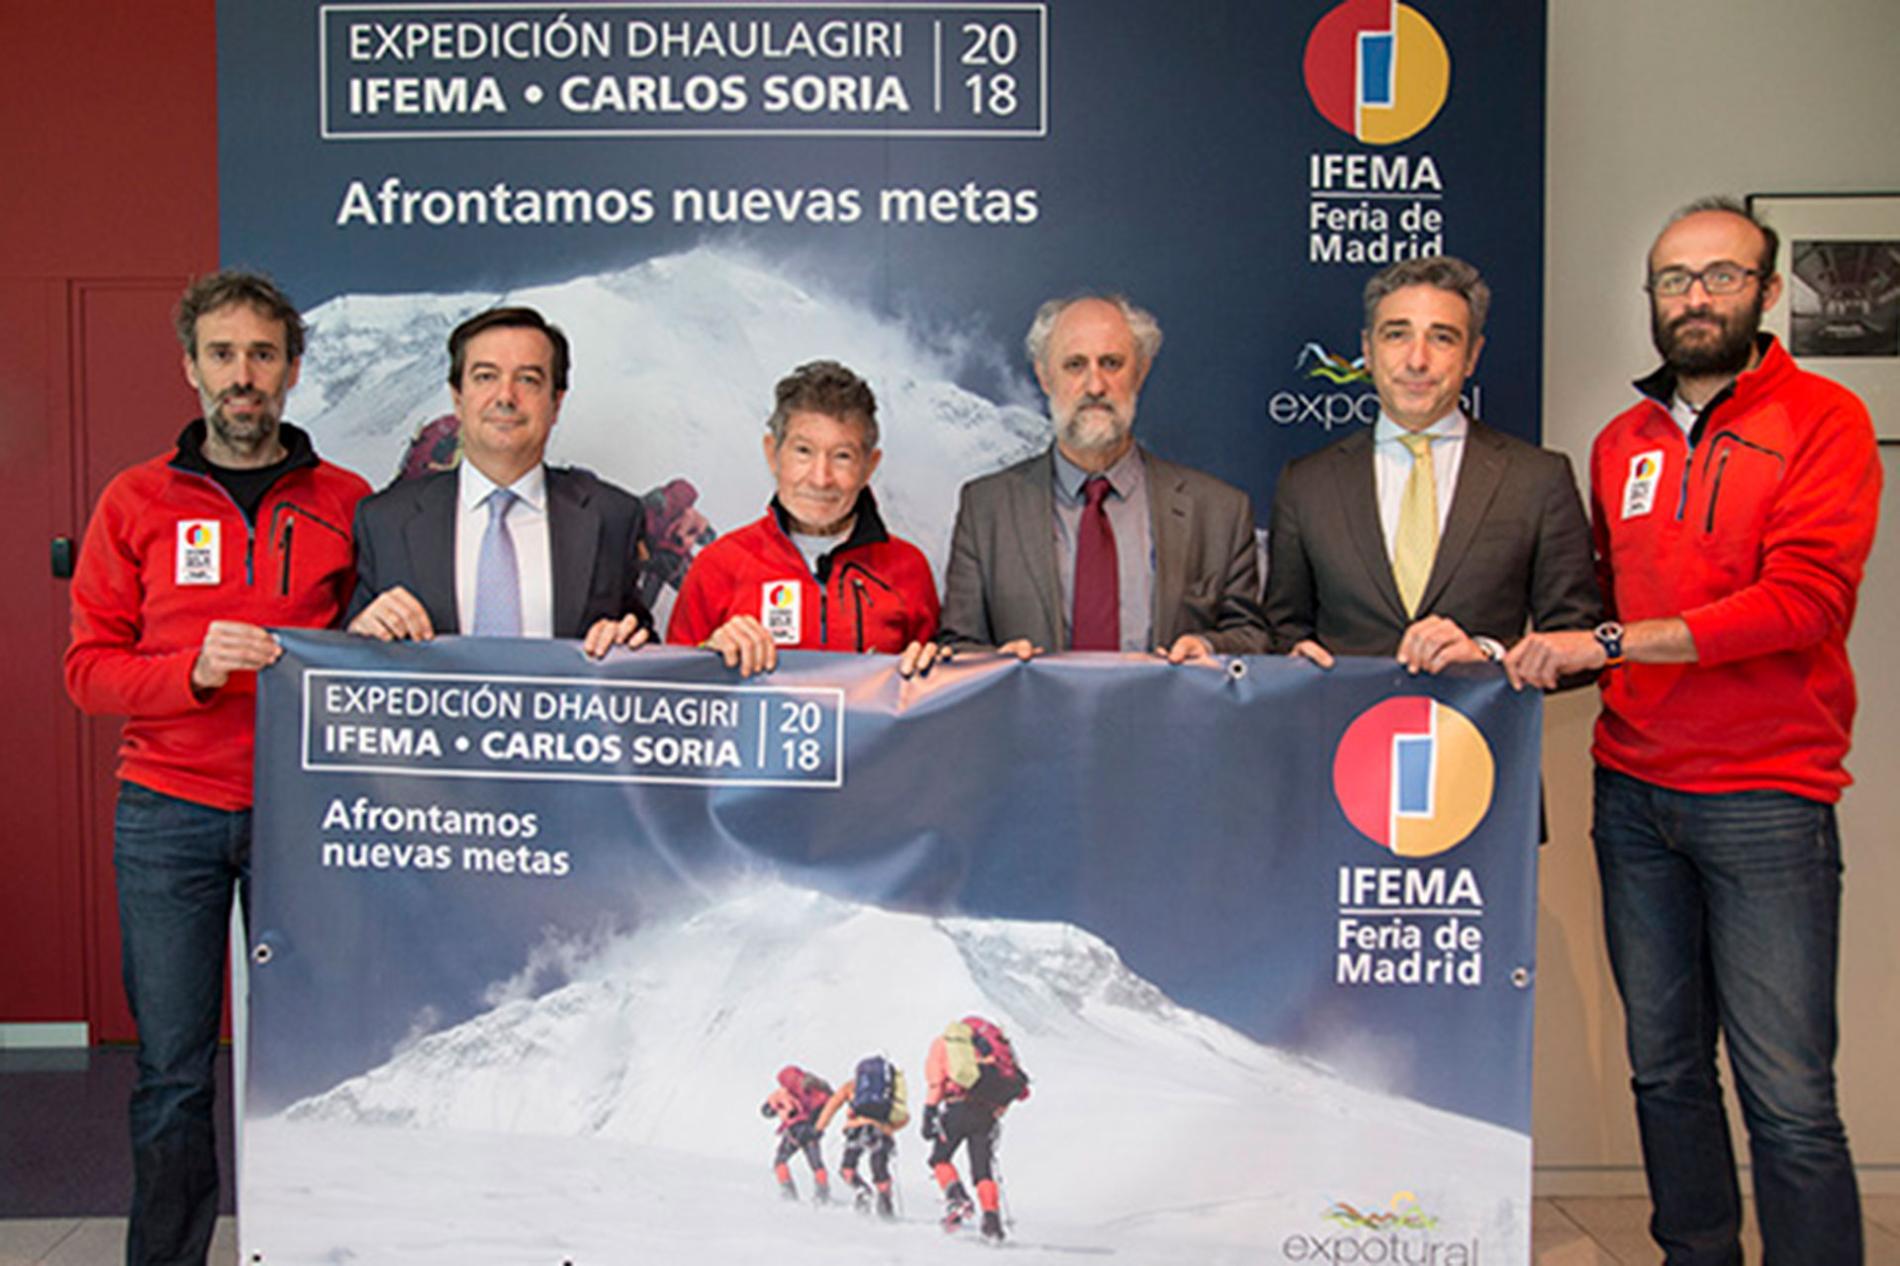 El alpinista Carlos Soria junto con patrocinadores de la expedición